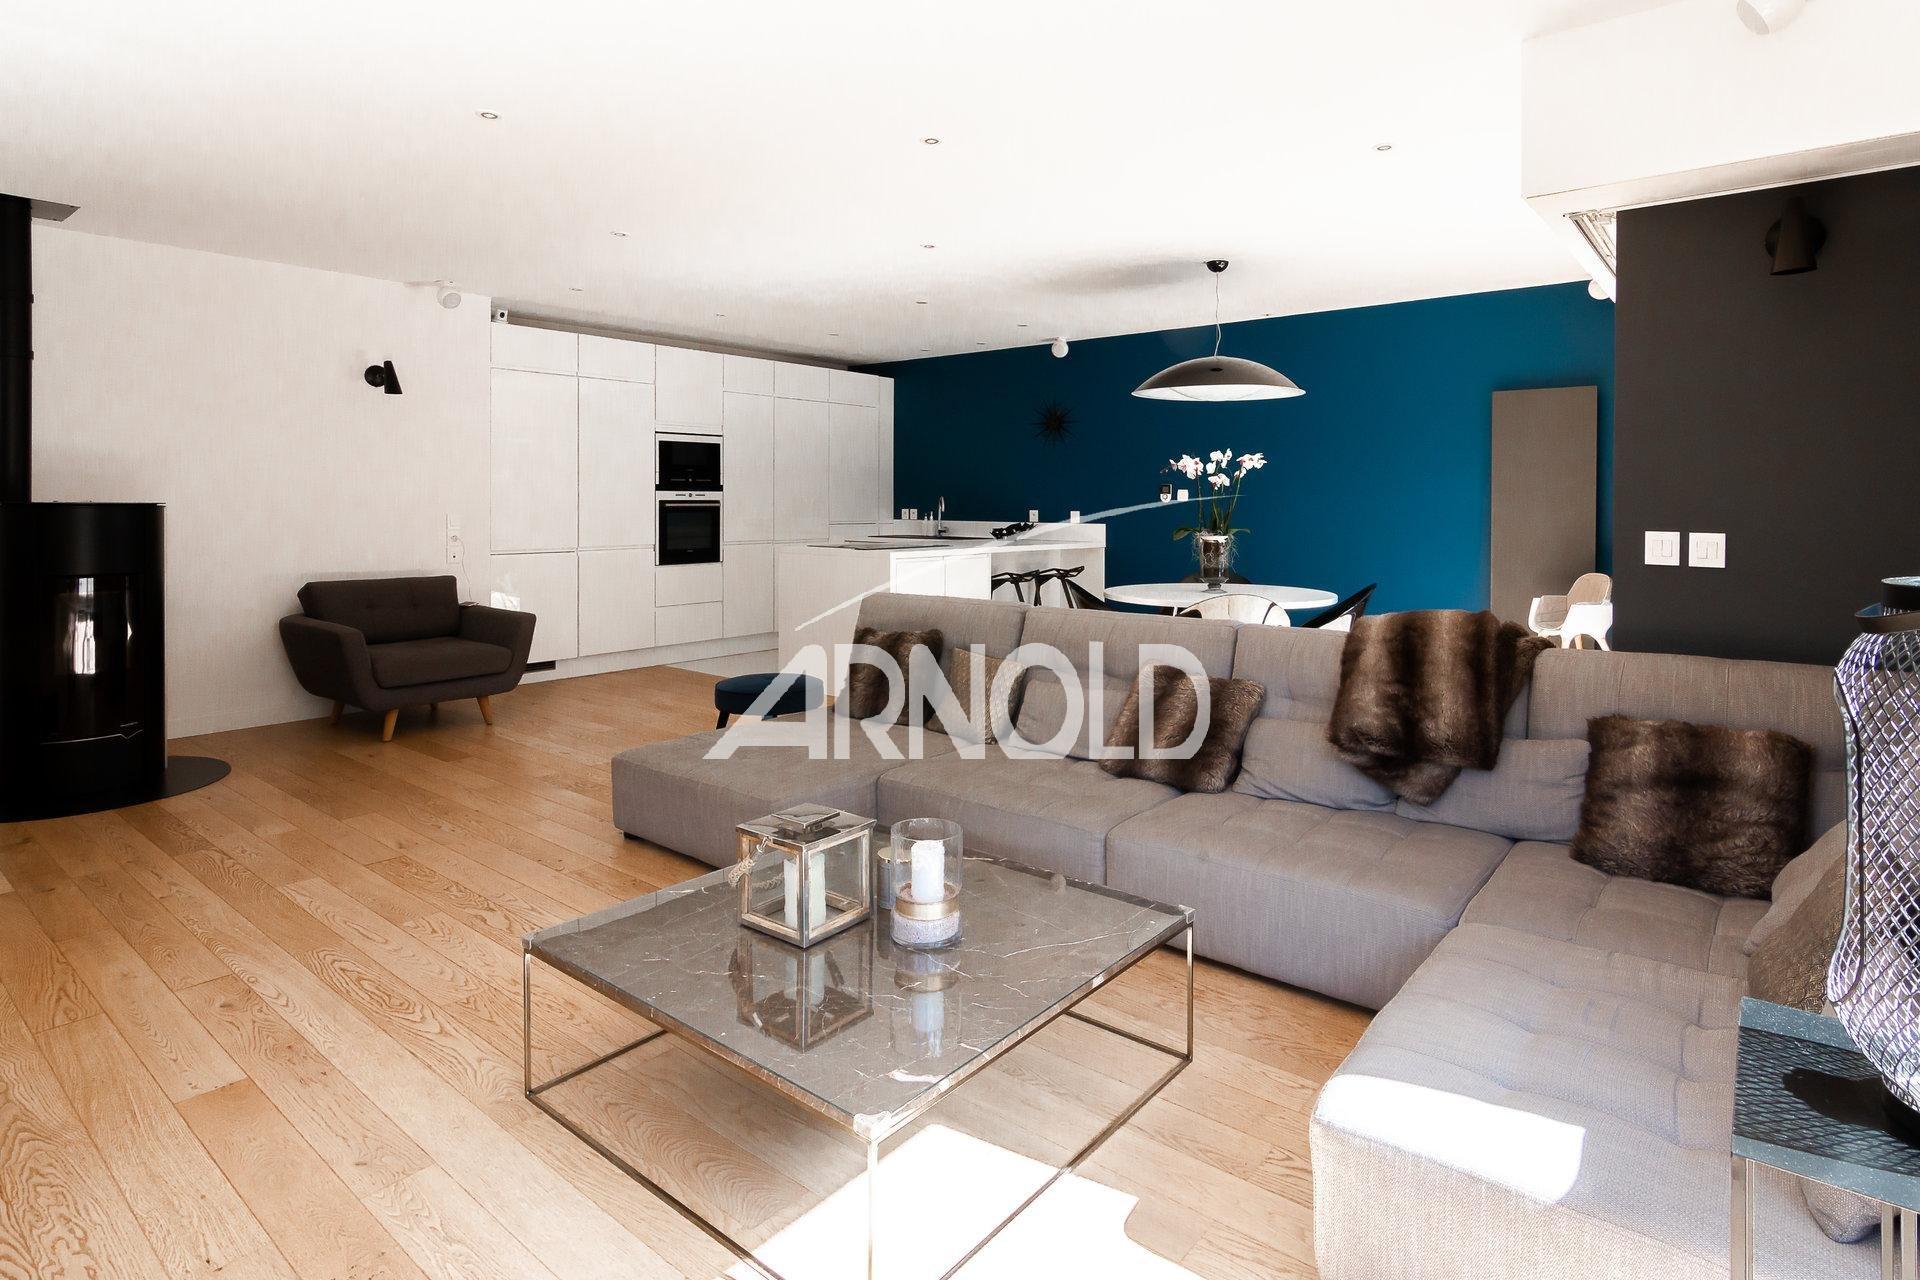 Maison d'architecte/designer - Chessy.